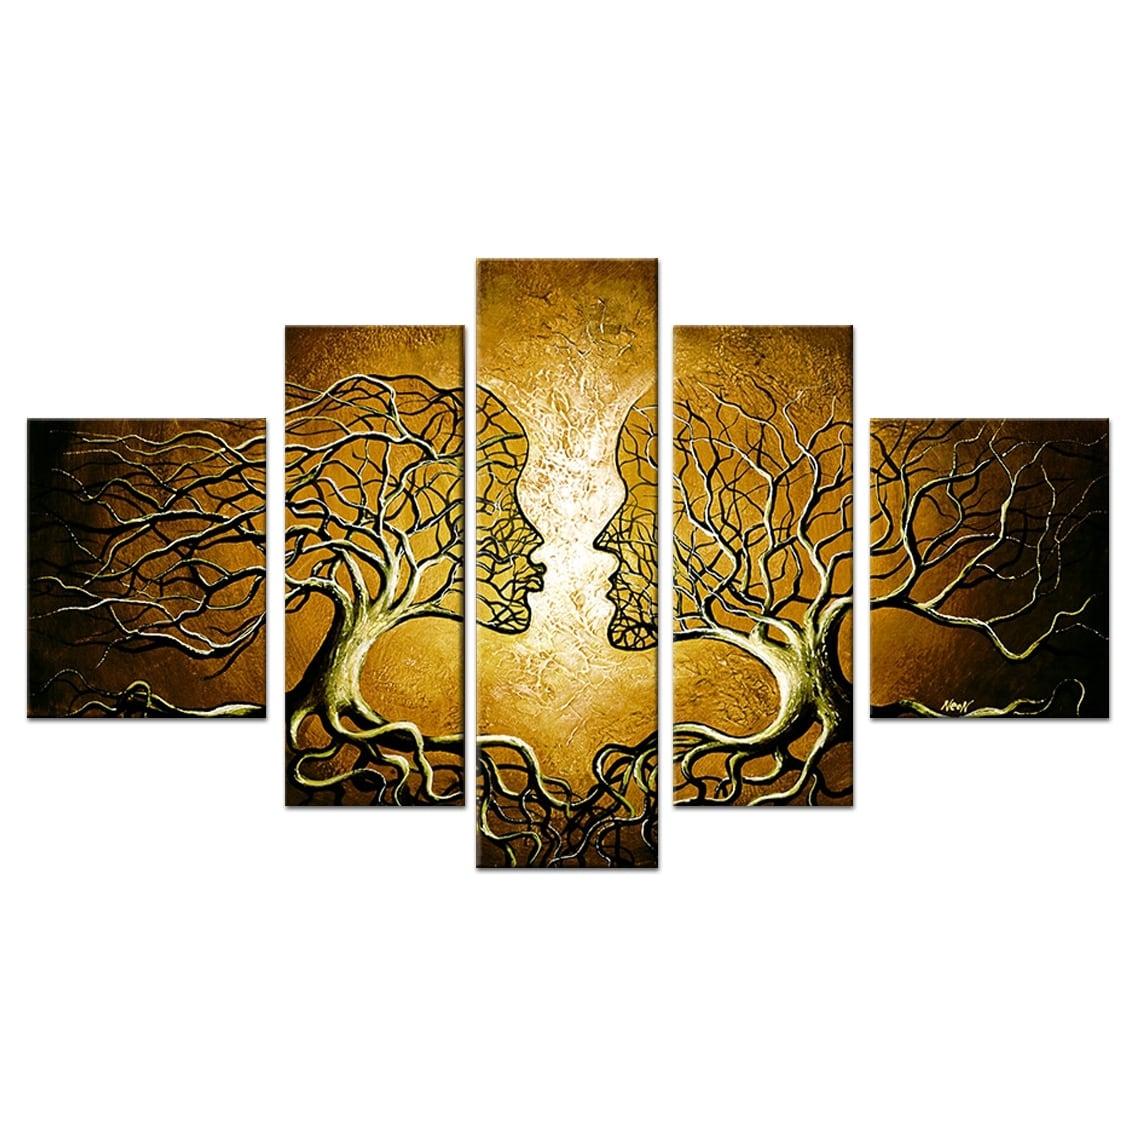 Toile moderne contemporain en peinture d'arbre nature pour votre intérieur